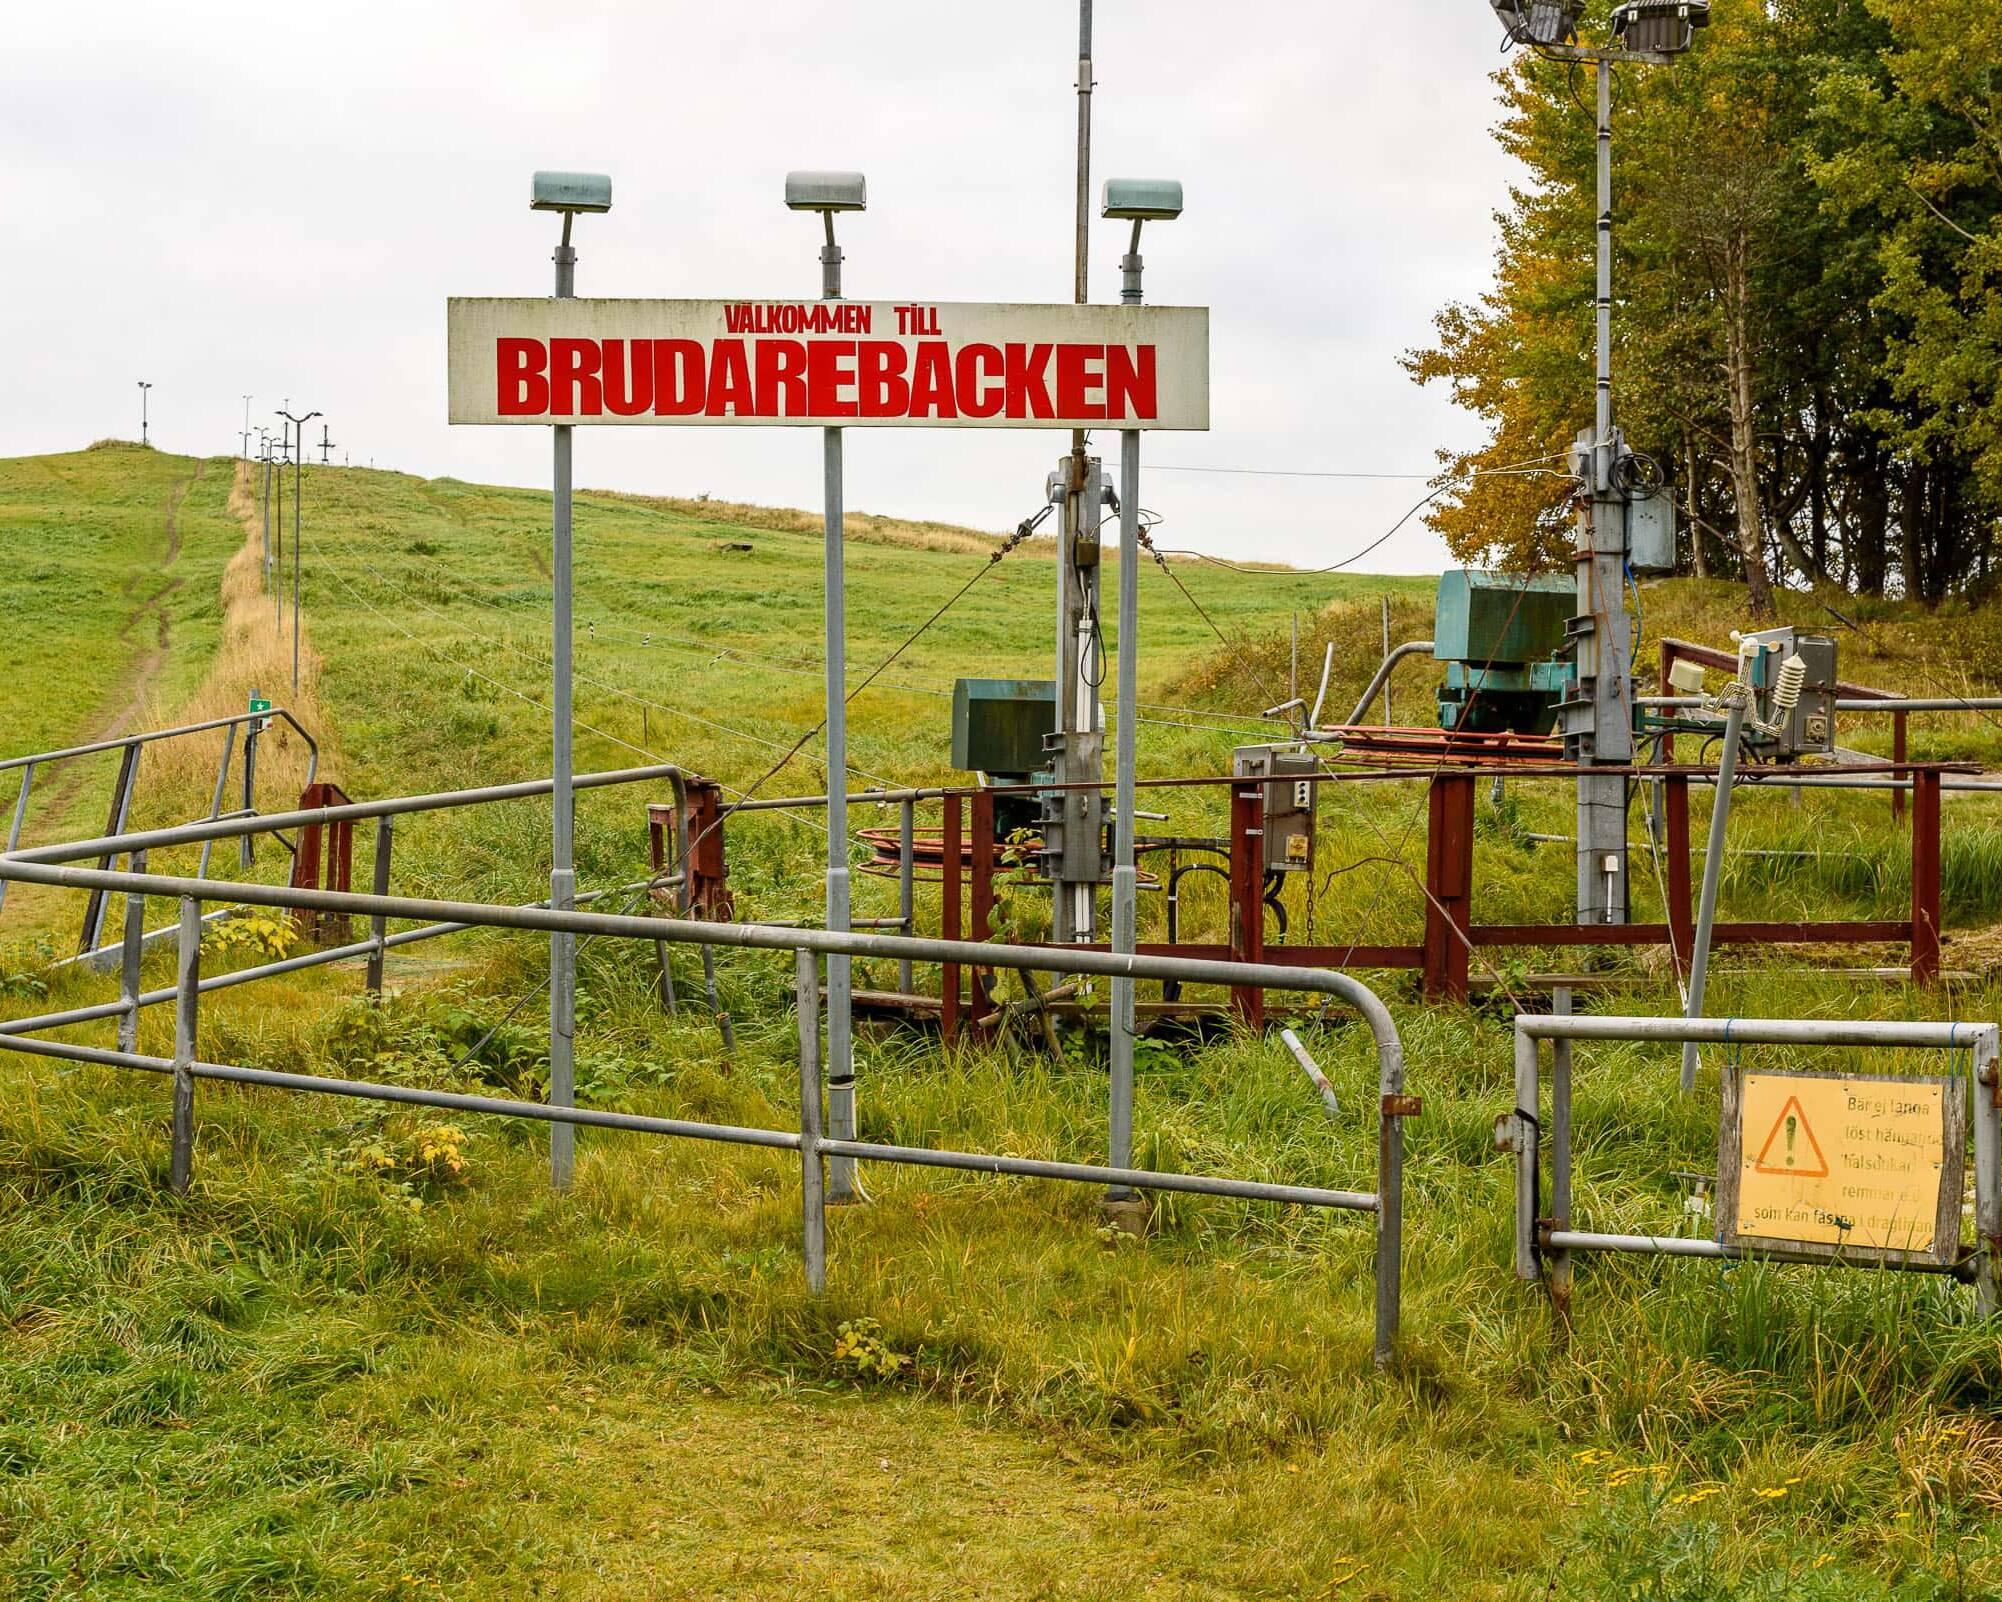 Liftsystem, Brudarebacken i Brudaremossen.